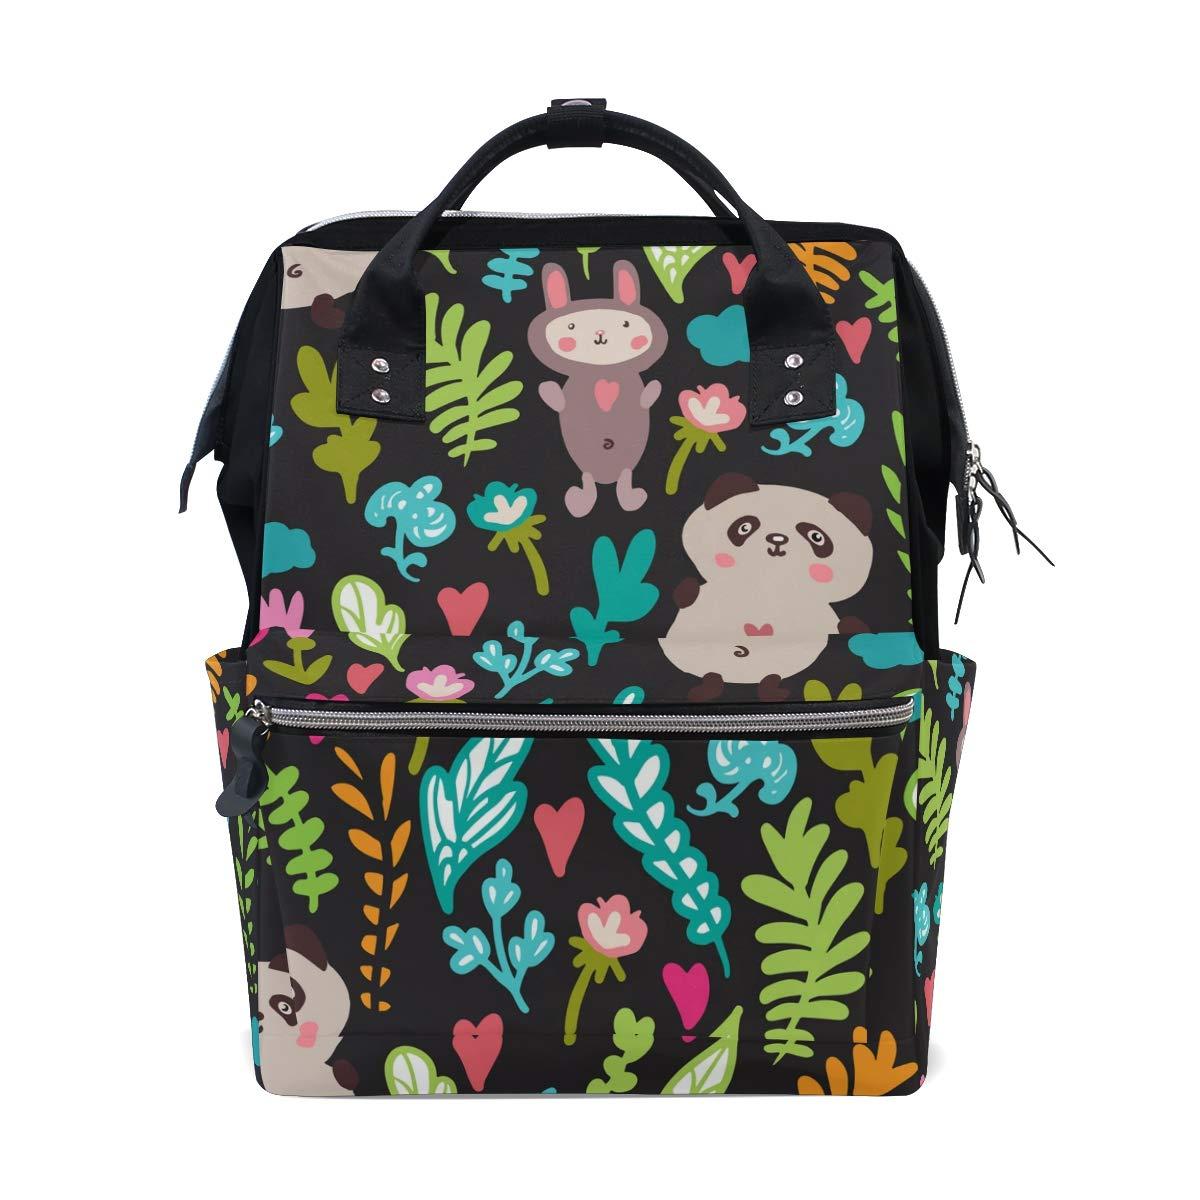 MERRYSUGAR Diaper Bag Backpack Panda Rabbit Flower Multifunction Travel Bag